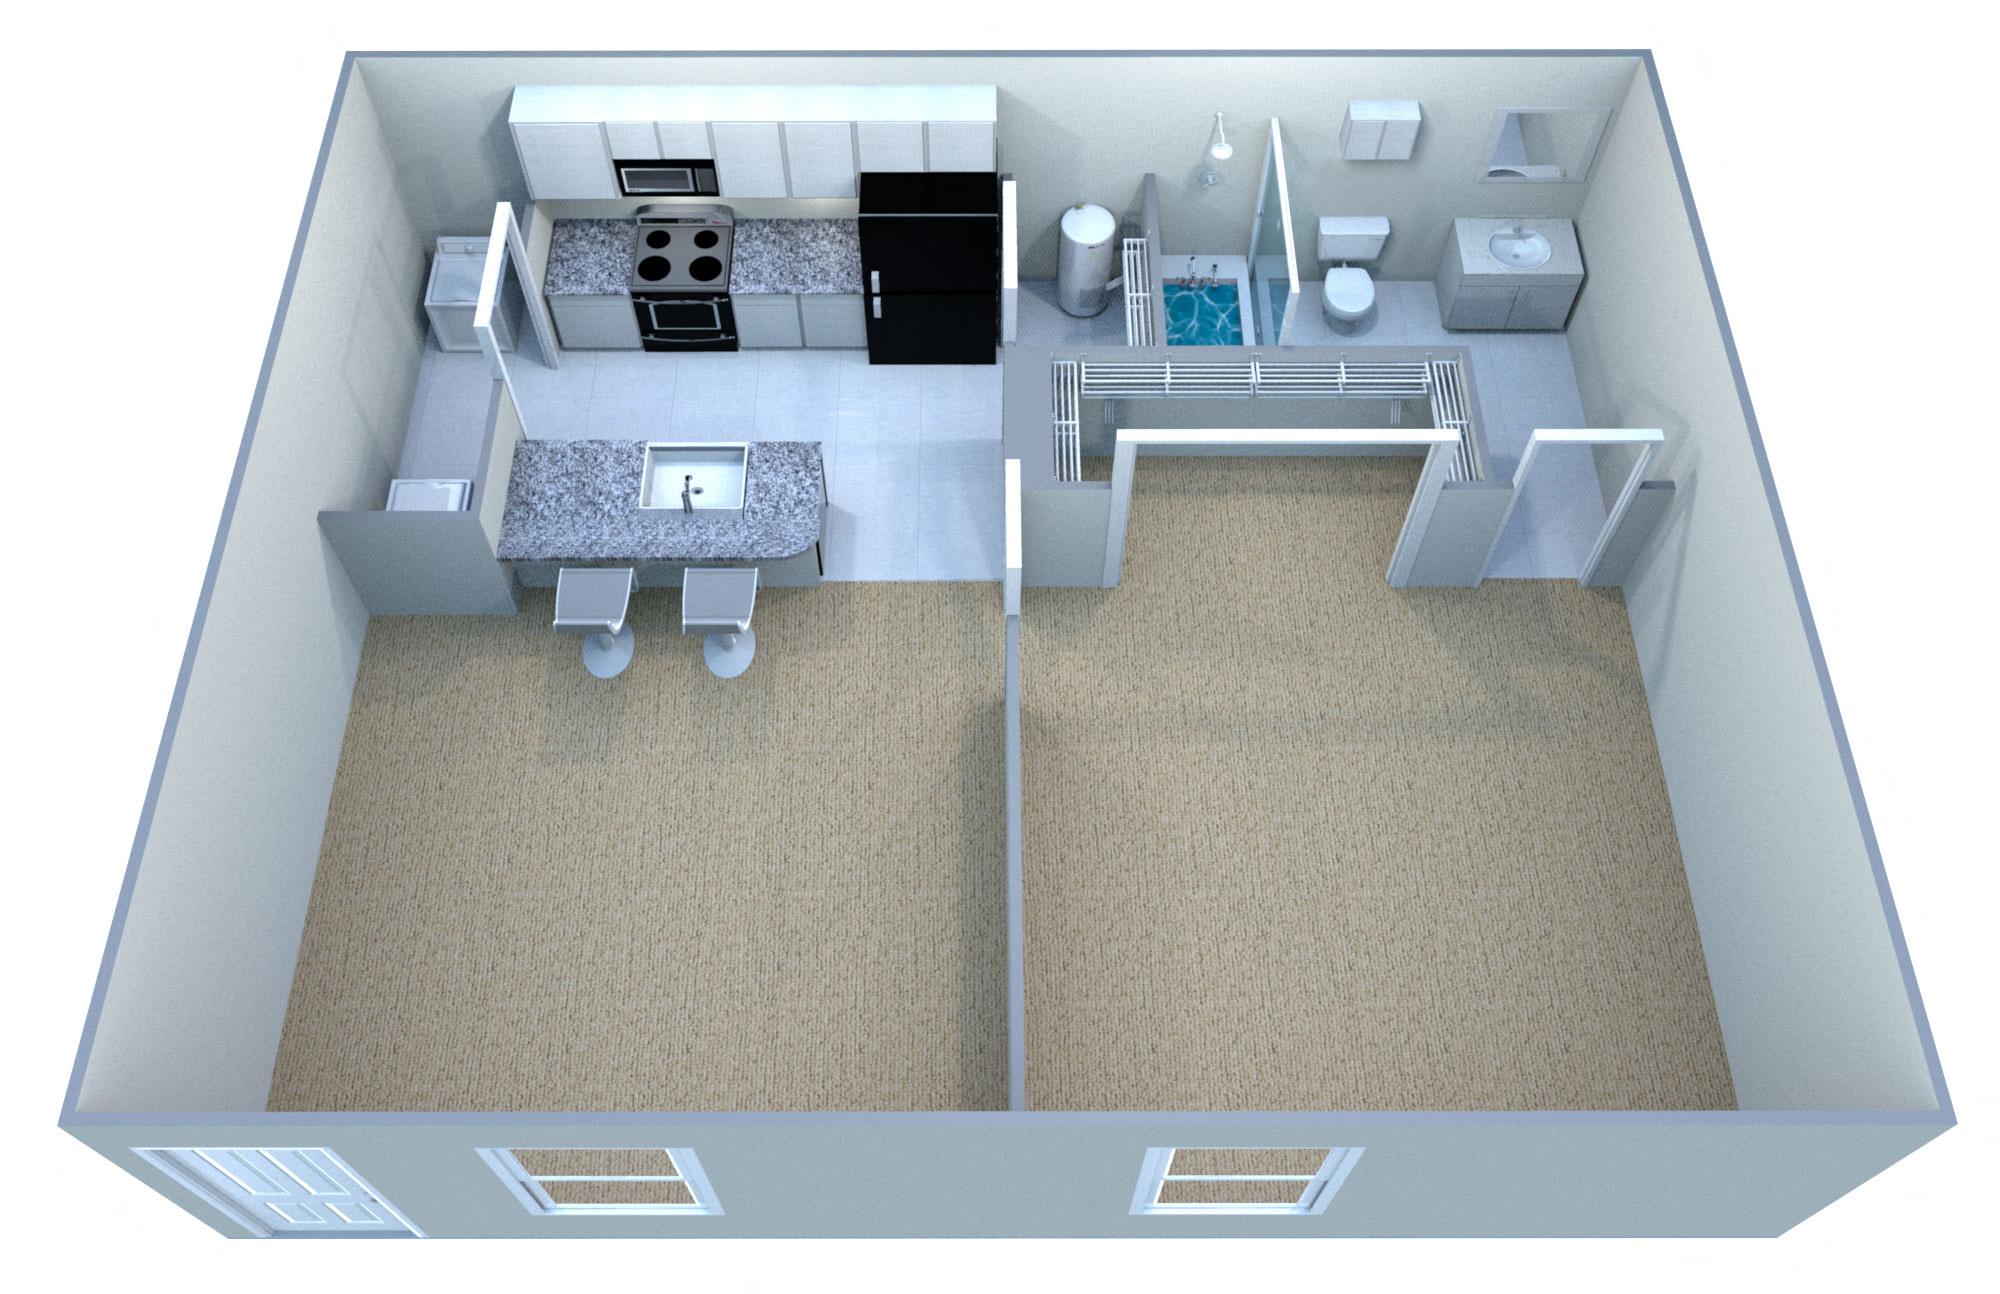 Suite A Floorplan. Floor PlanClassic Deluxe II, Bed/Bath1 ...